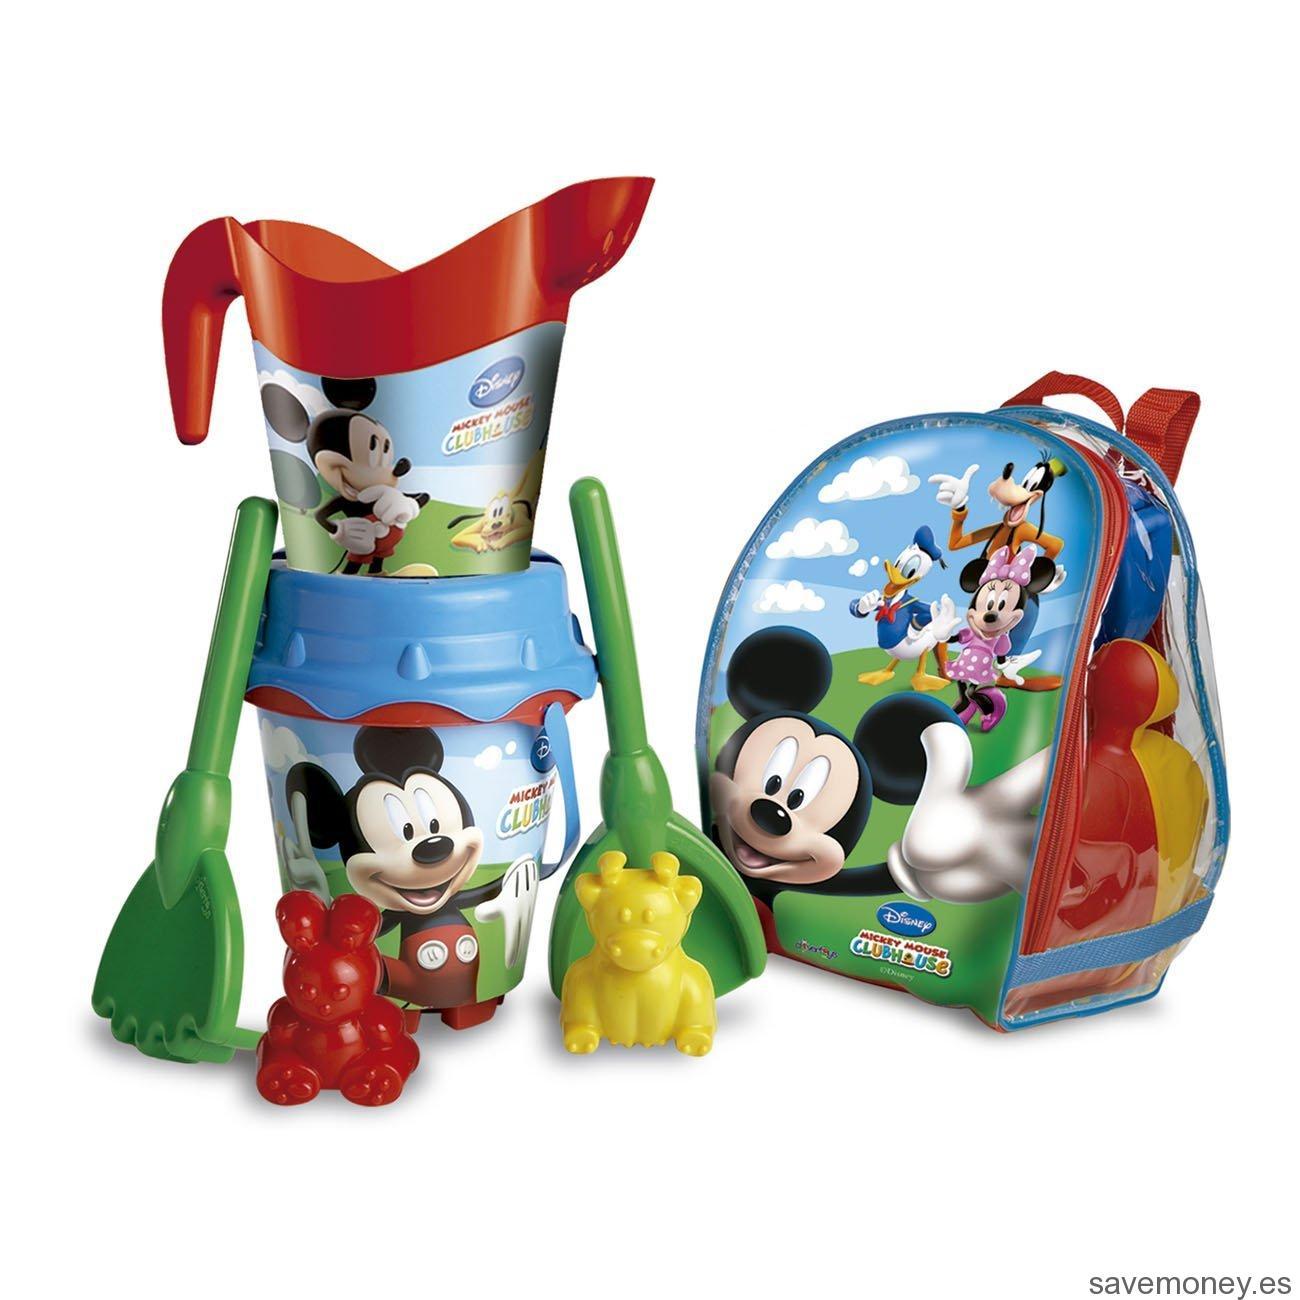 Especial conjuntos de playa para niñ@s